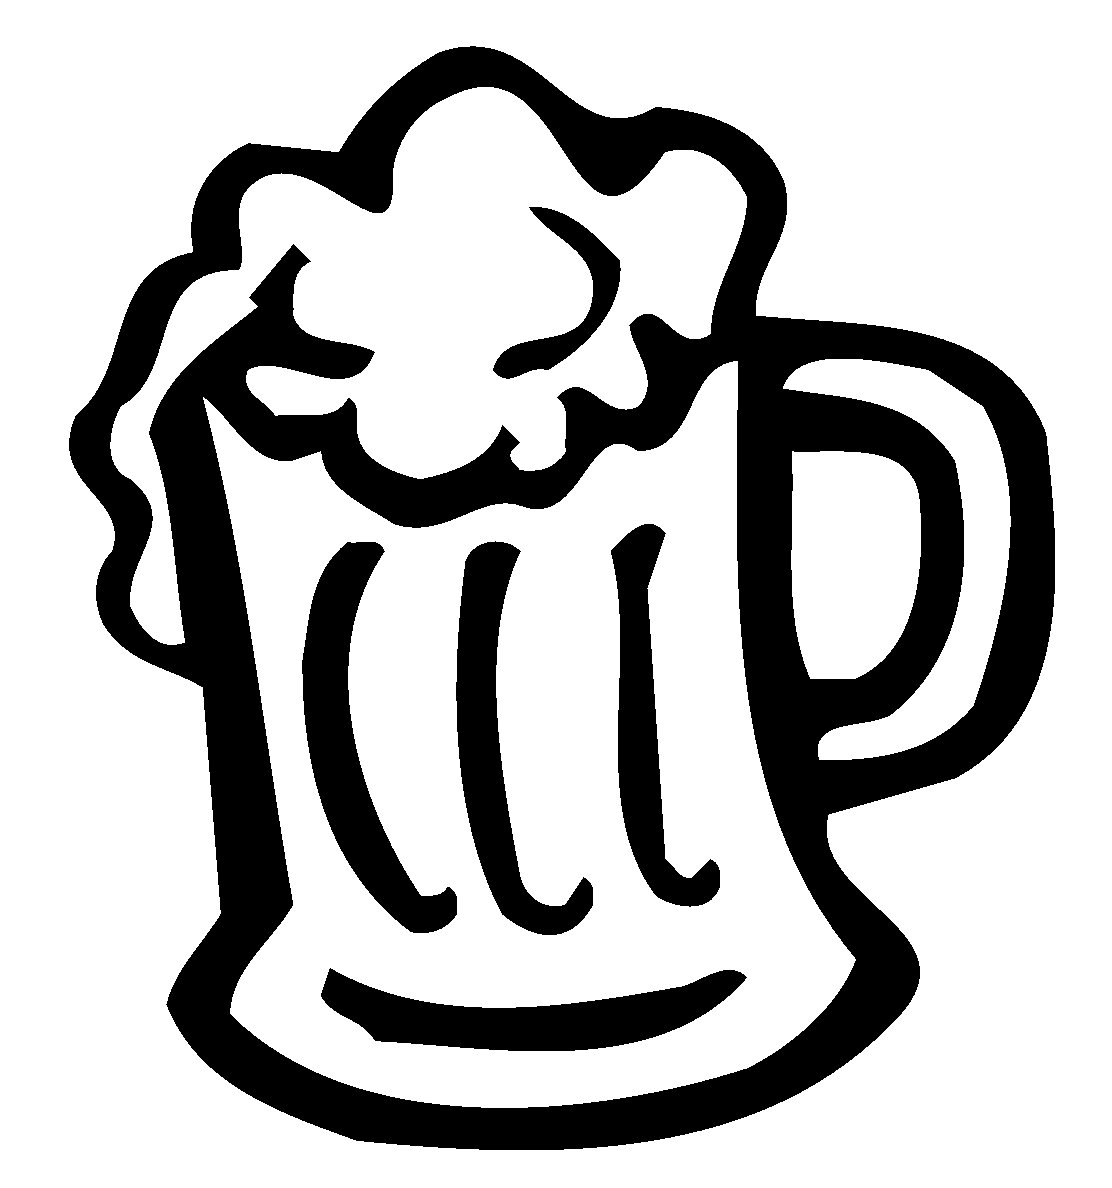 Beer Mug Image